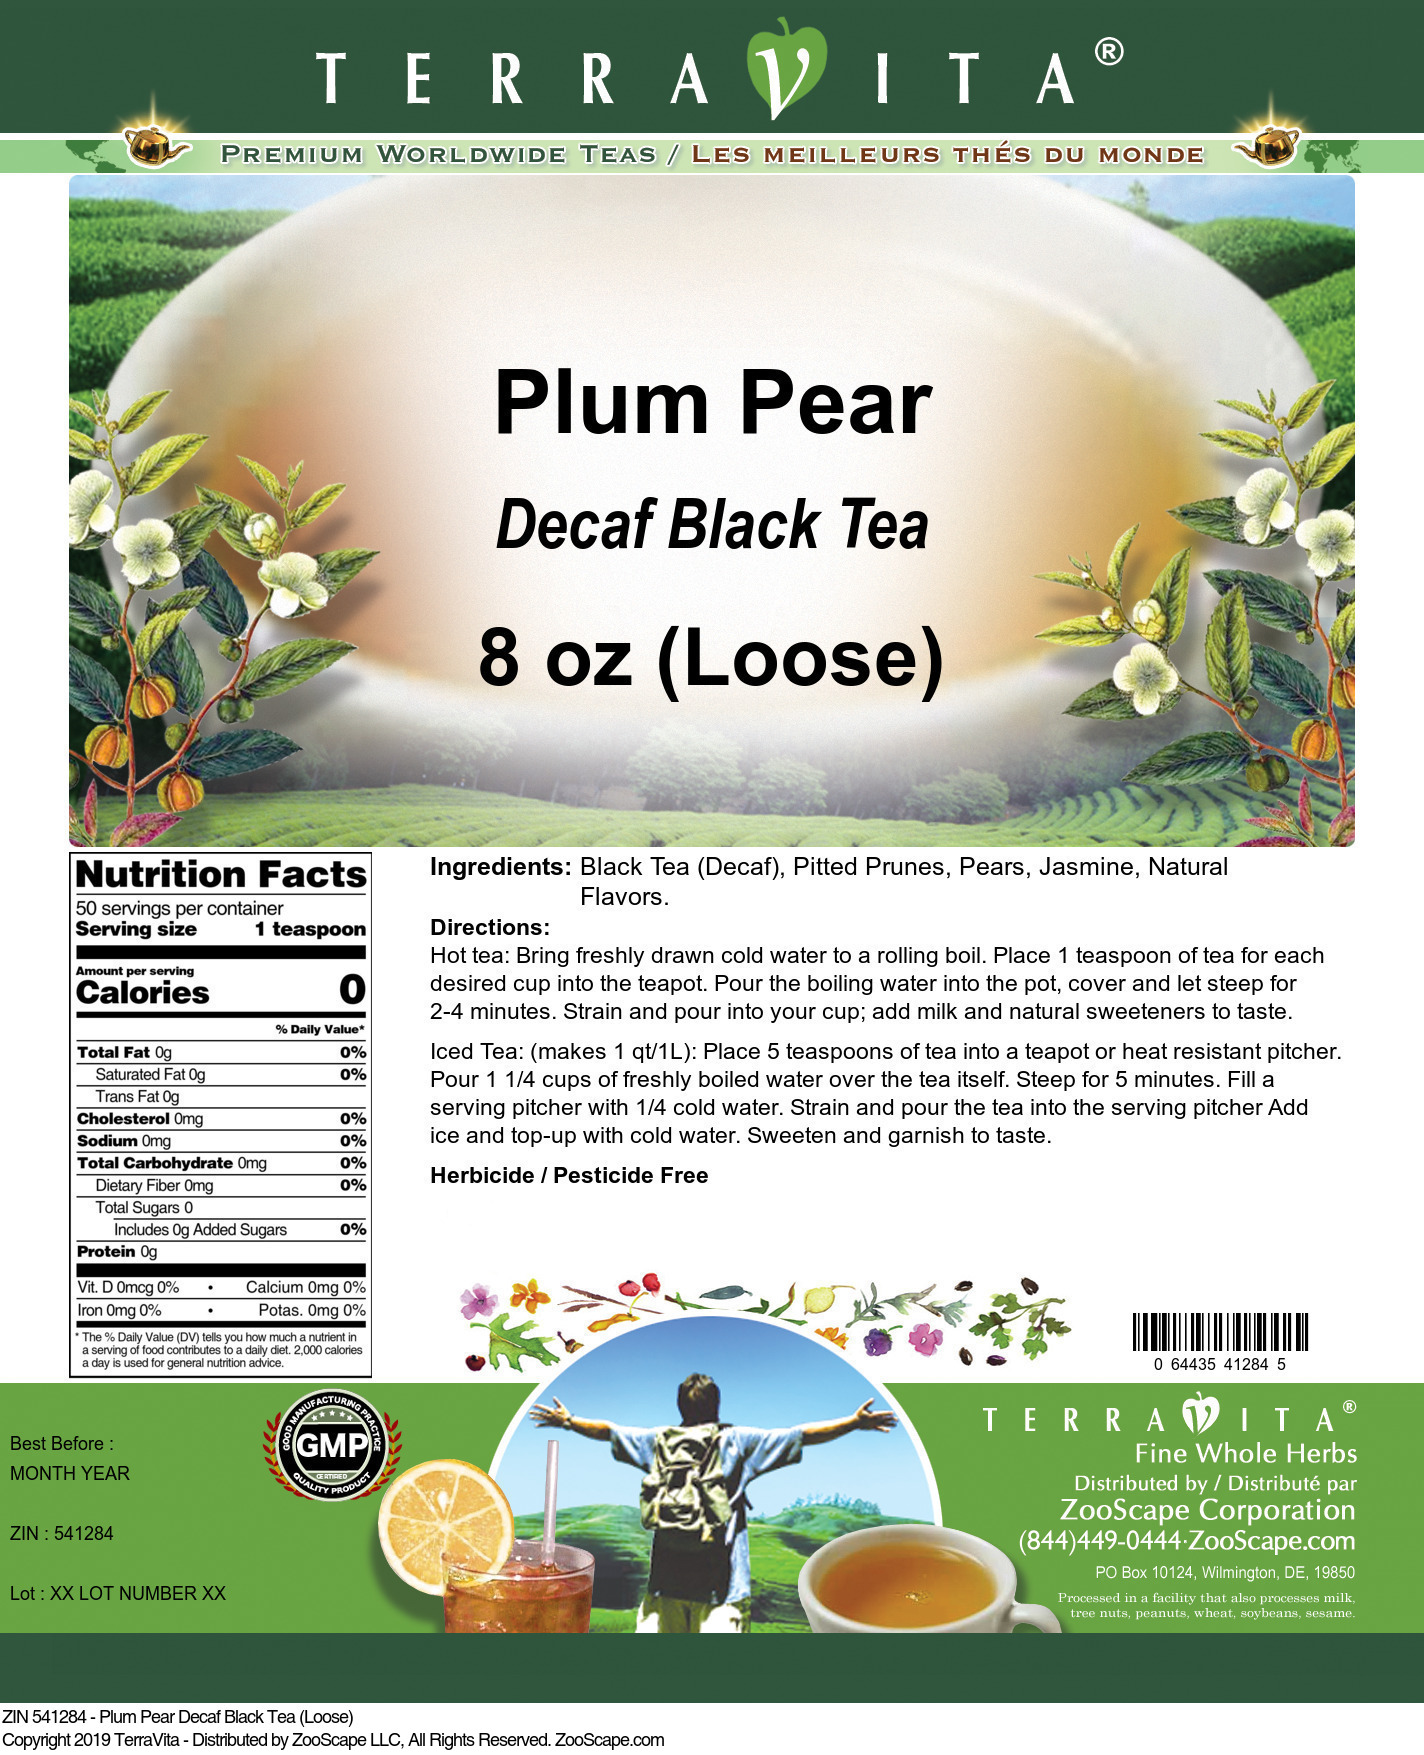 Plum Pear Decaf Black Tea